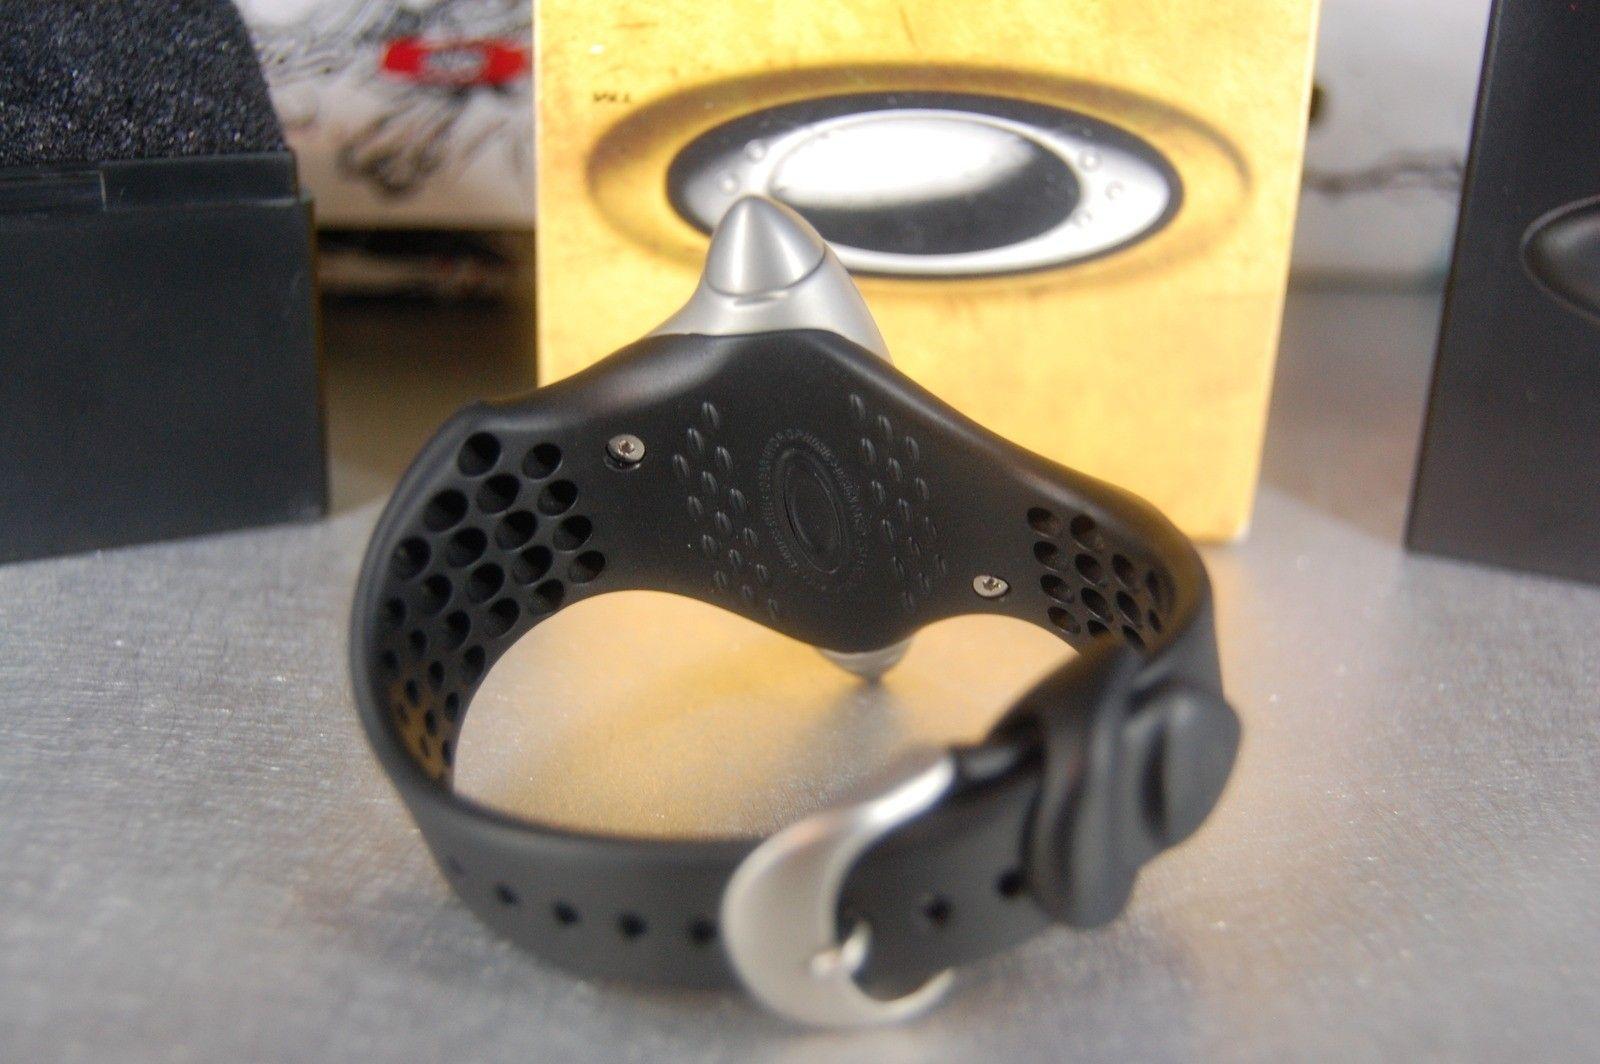 Oakley Torpedo Watch (MINT CONDITION) - dsc10054-jpg.54652.jpg